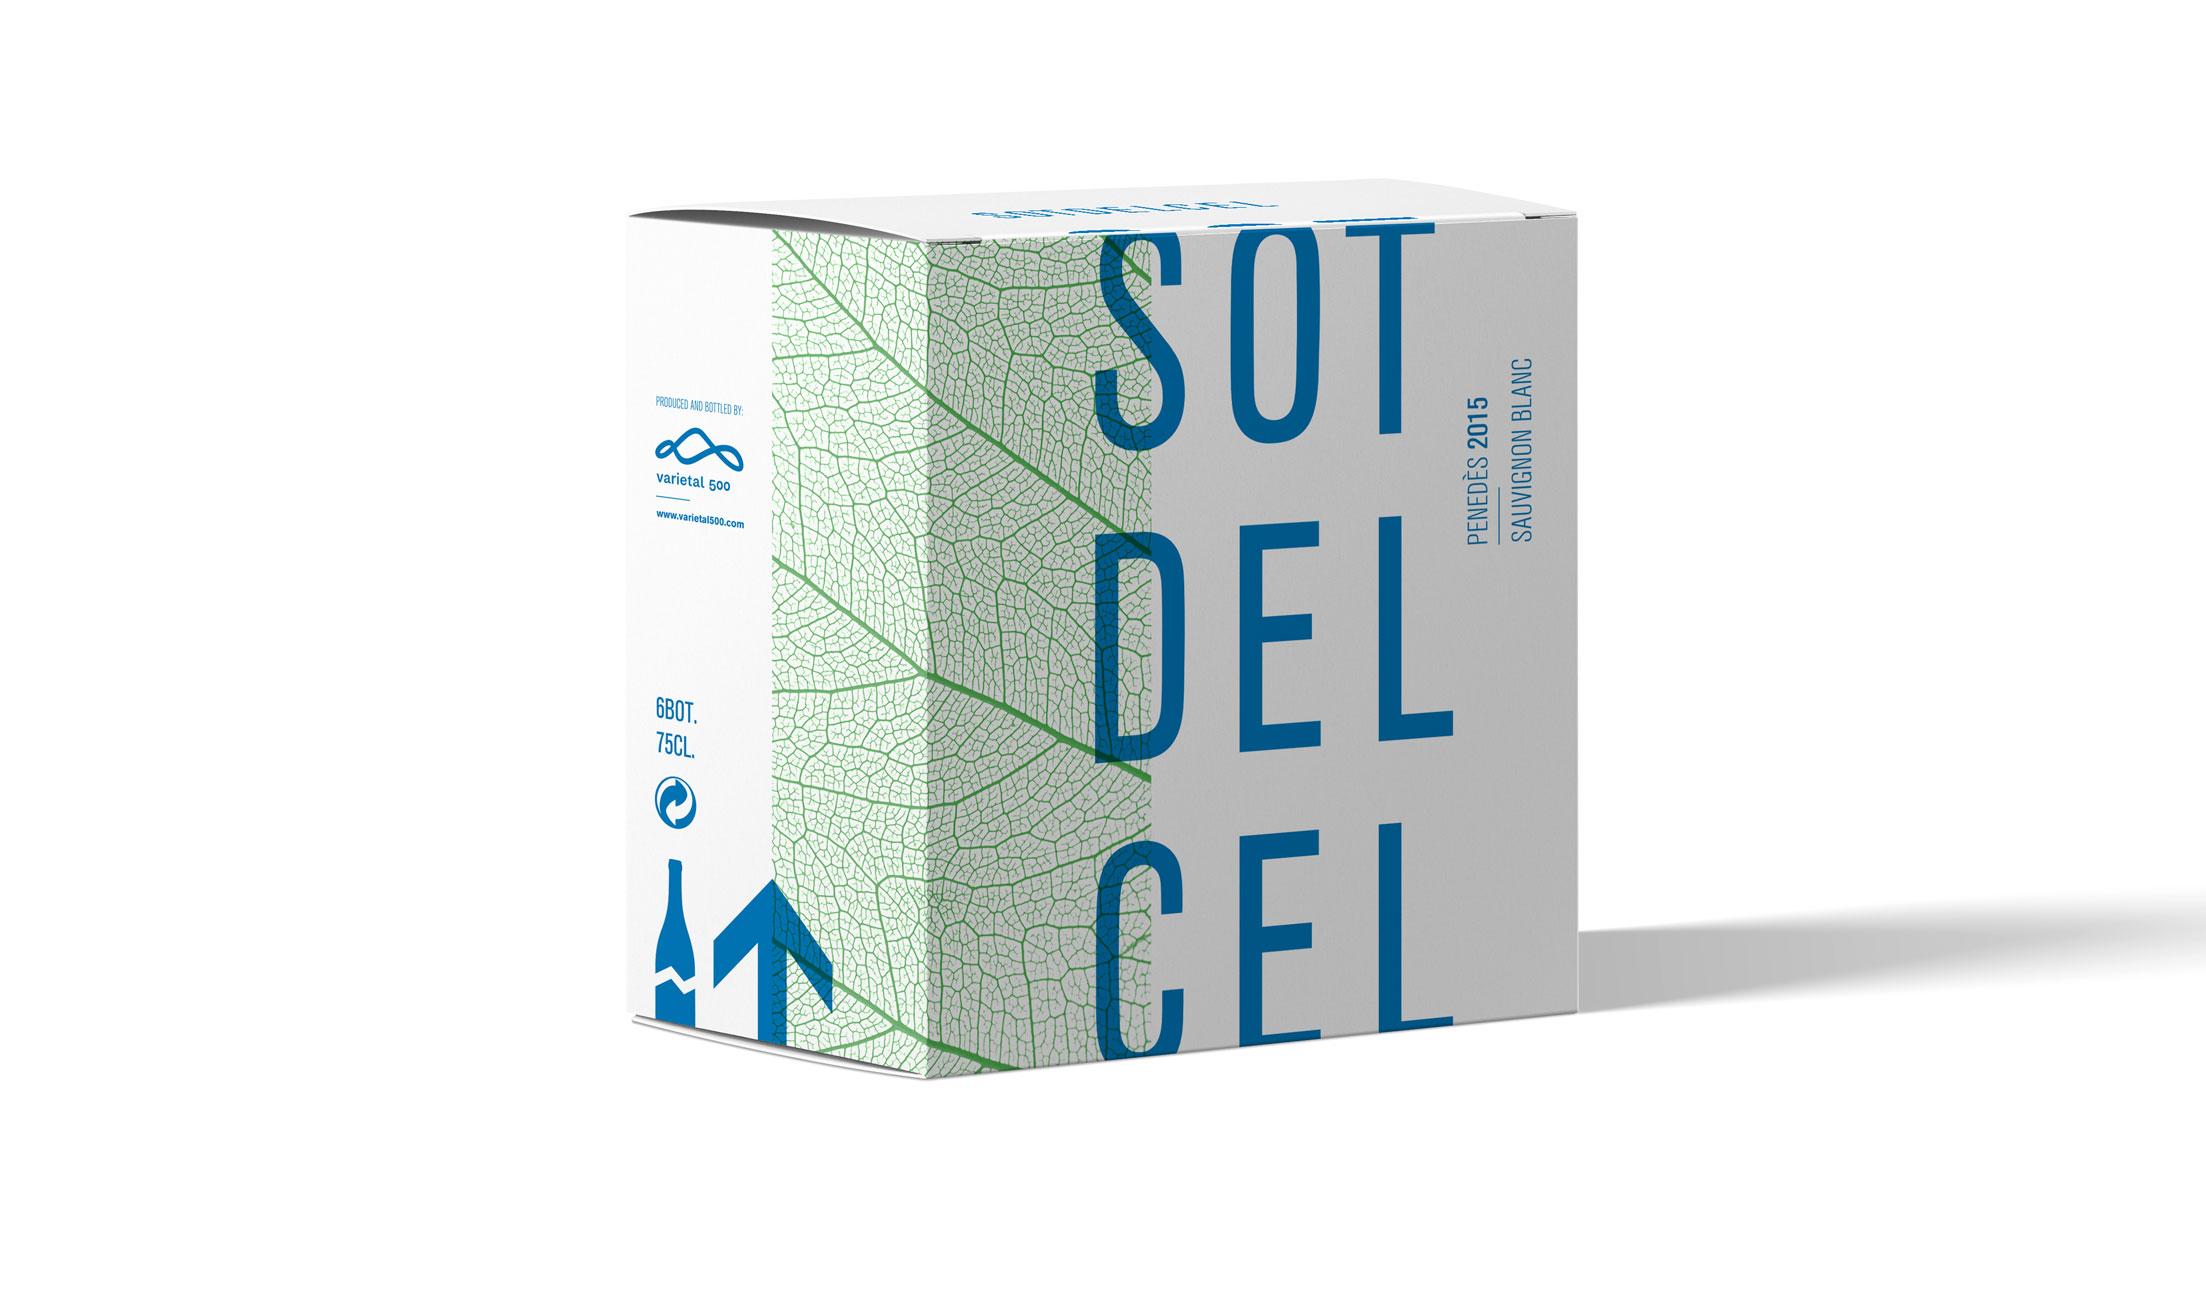 Branding Varietal 500 - Baku Creativitat – Agència de branding a Terrassa (Barcelona)